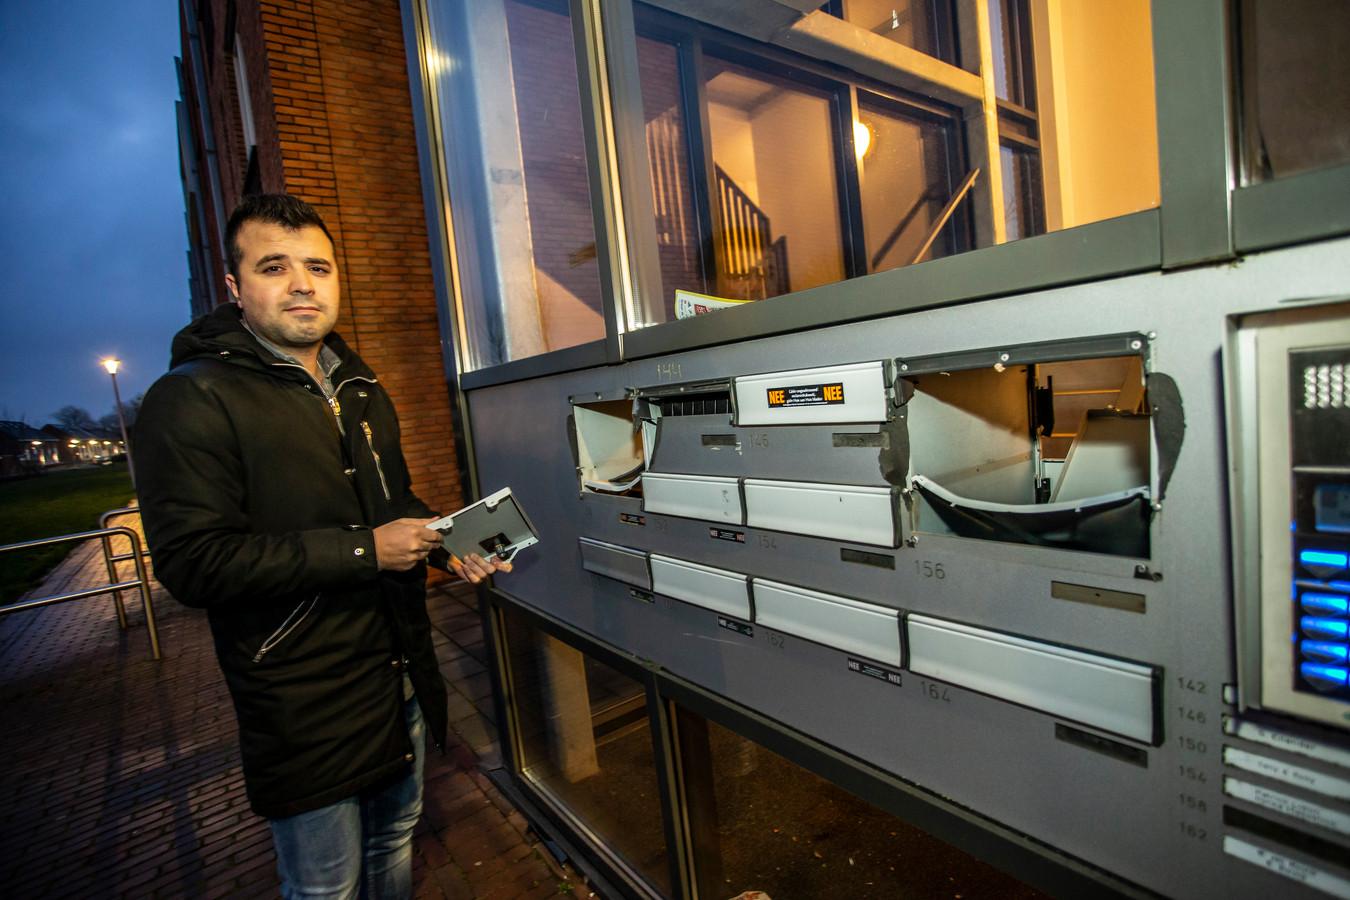 Bij een appartementencomplex aan de Ruys de Beerenbrouckstraat zijn met de jaarwisselingen de brievenbussen opgeblazen. Dit soort kosten komen niet voor rekening van de gemeente Zutphen, waardoor de vuurwerkschade van de afgelopen jaarwisseling in de openbare ruimte nog ver boven de 16.000 uitkomt.